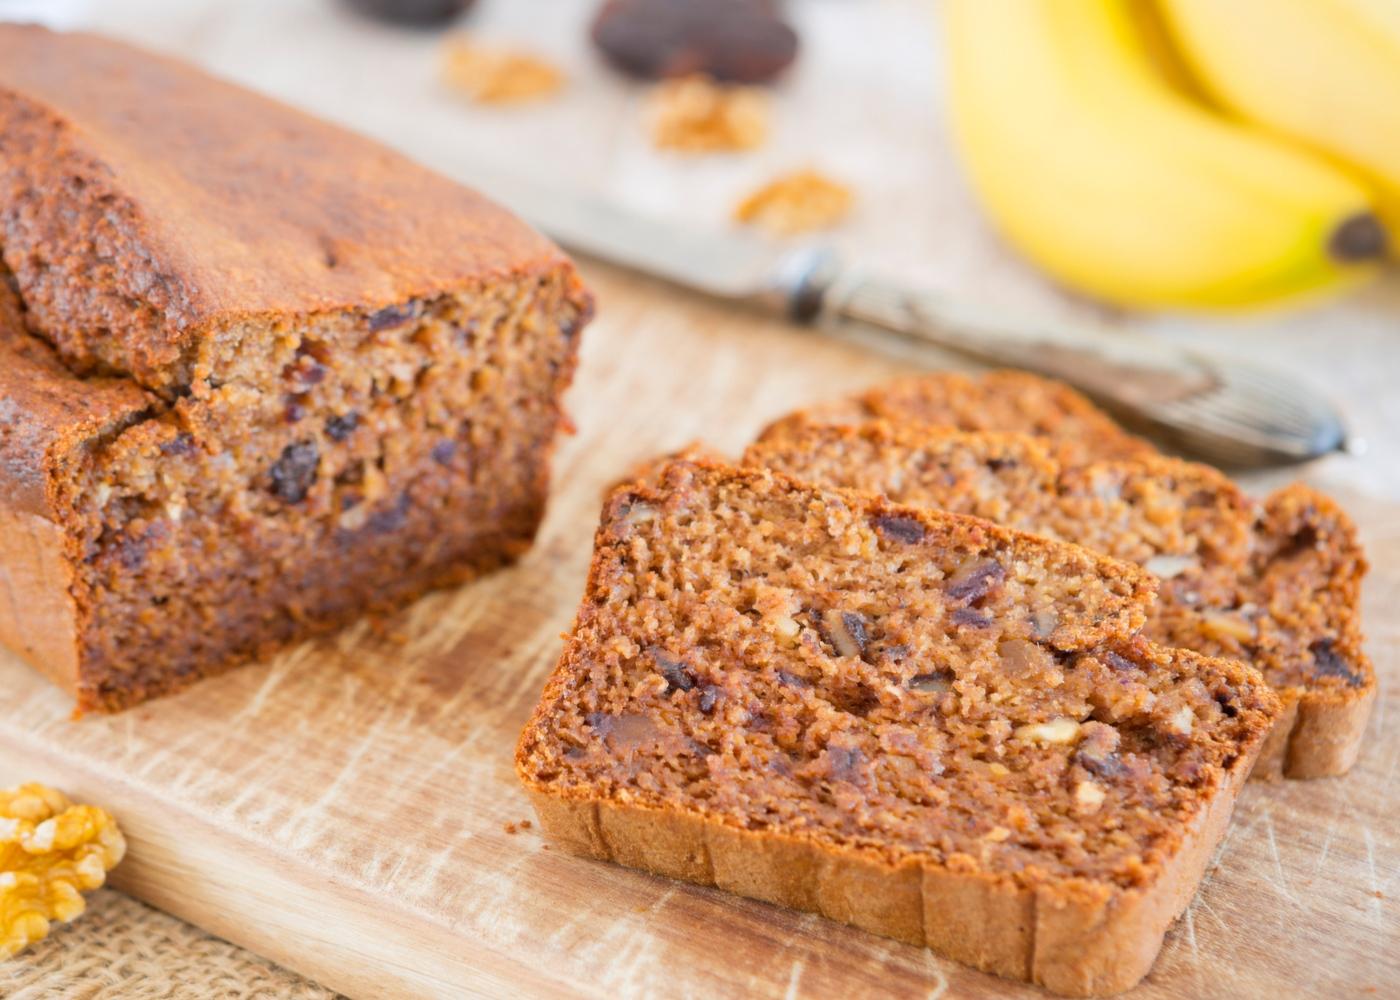 Receitas de bolos saudáveis para fazer com as crianças: bolo de banana, aveia, passas, linhaça